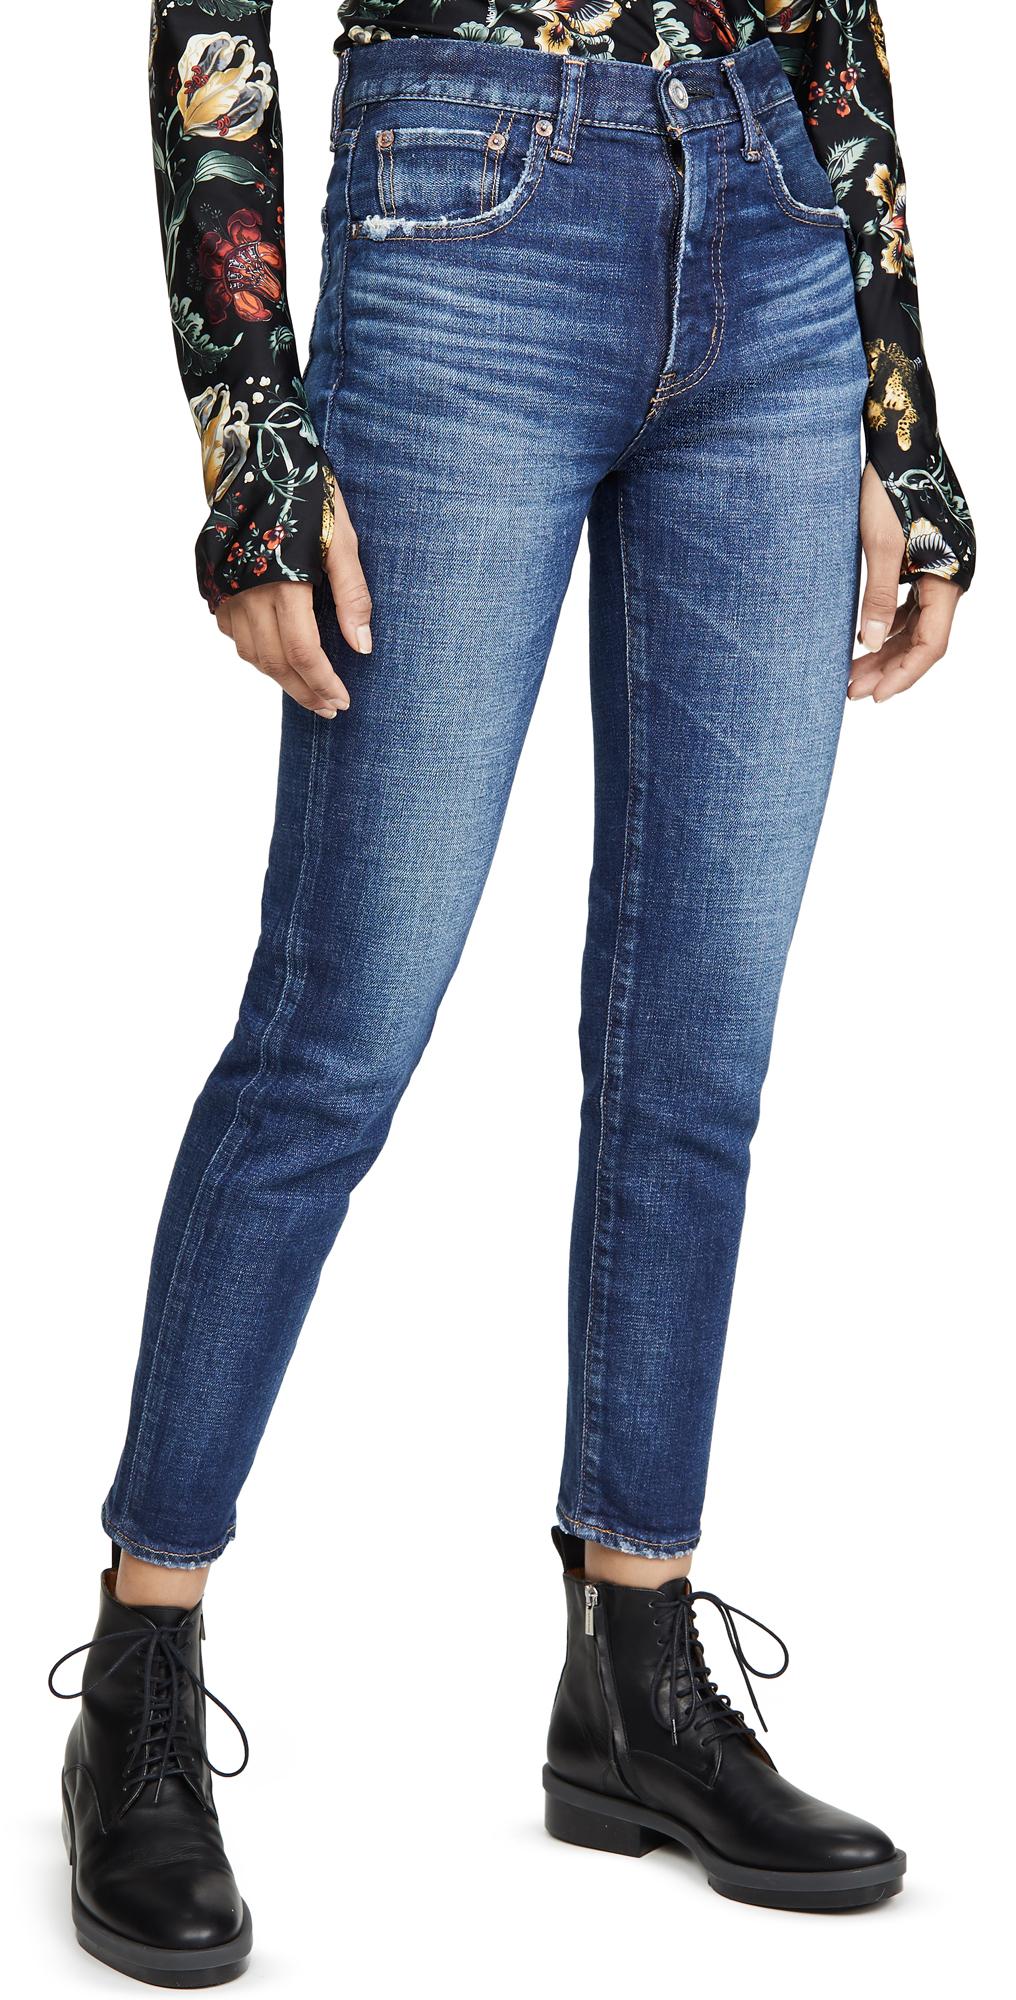 MOUSSY VINTAGE Cameron Skinny-Hi Jeans